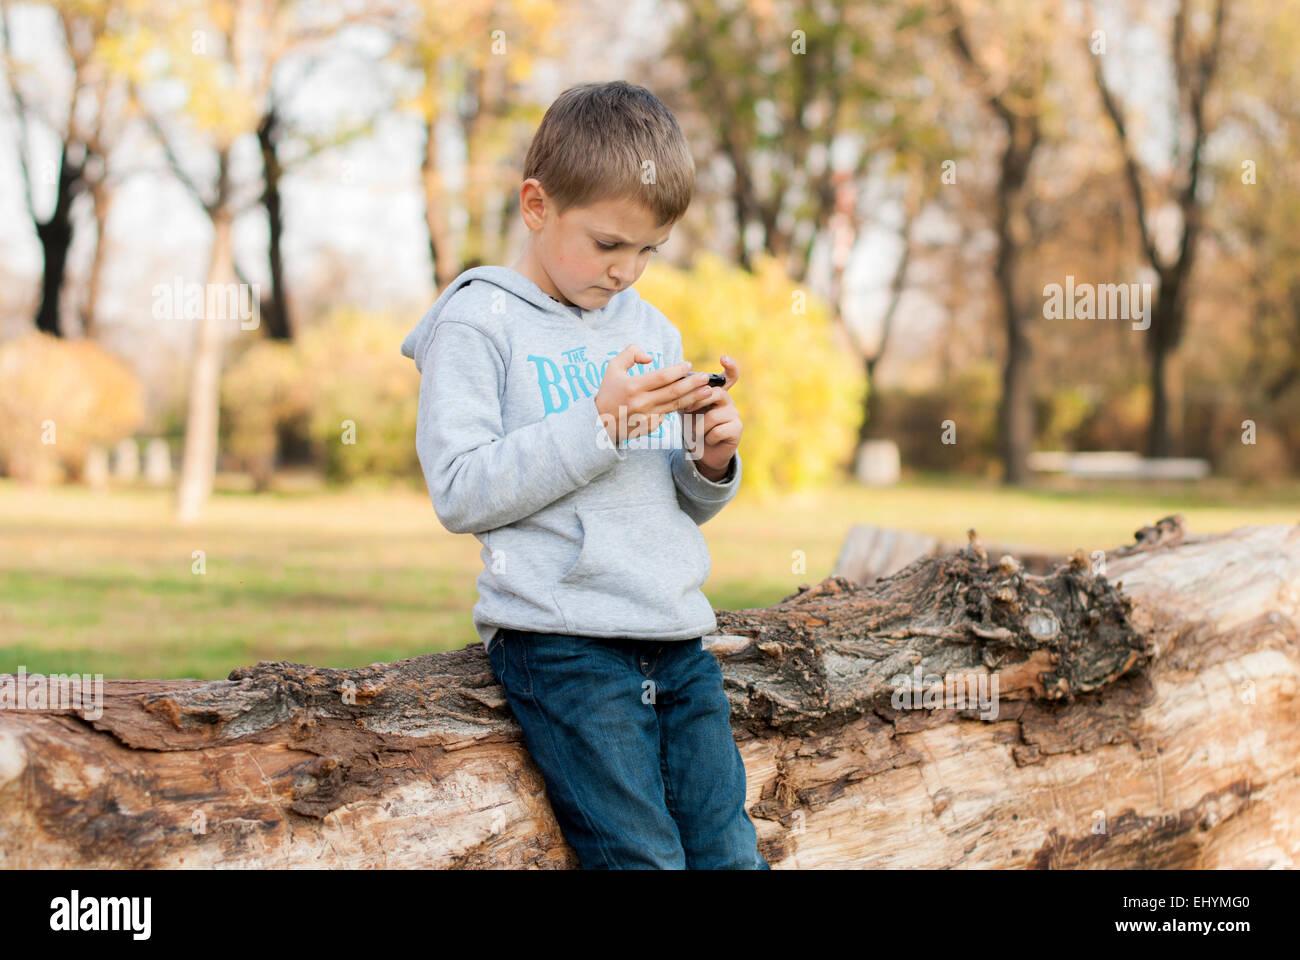 Junge gelehnt Baumstamm auf mobilen Gerät im Park spielen Stockbild